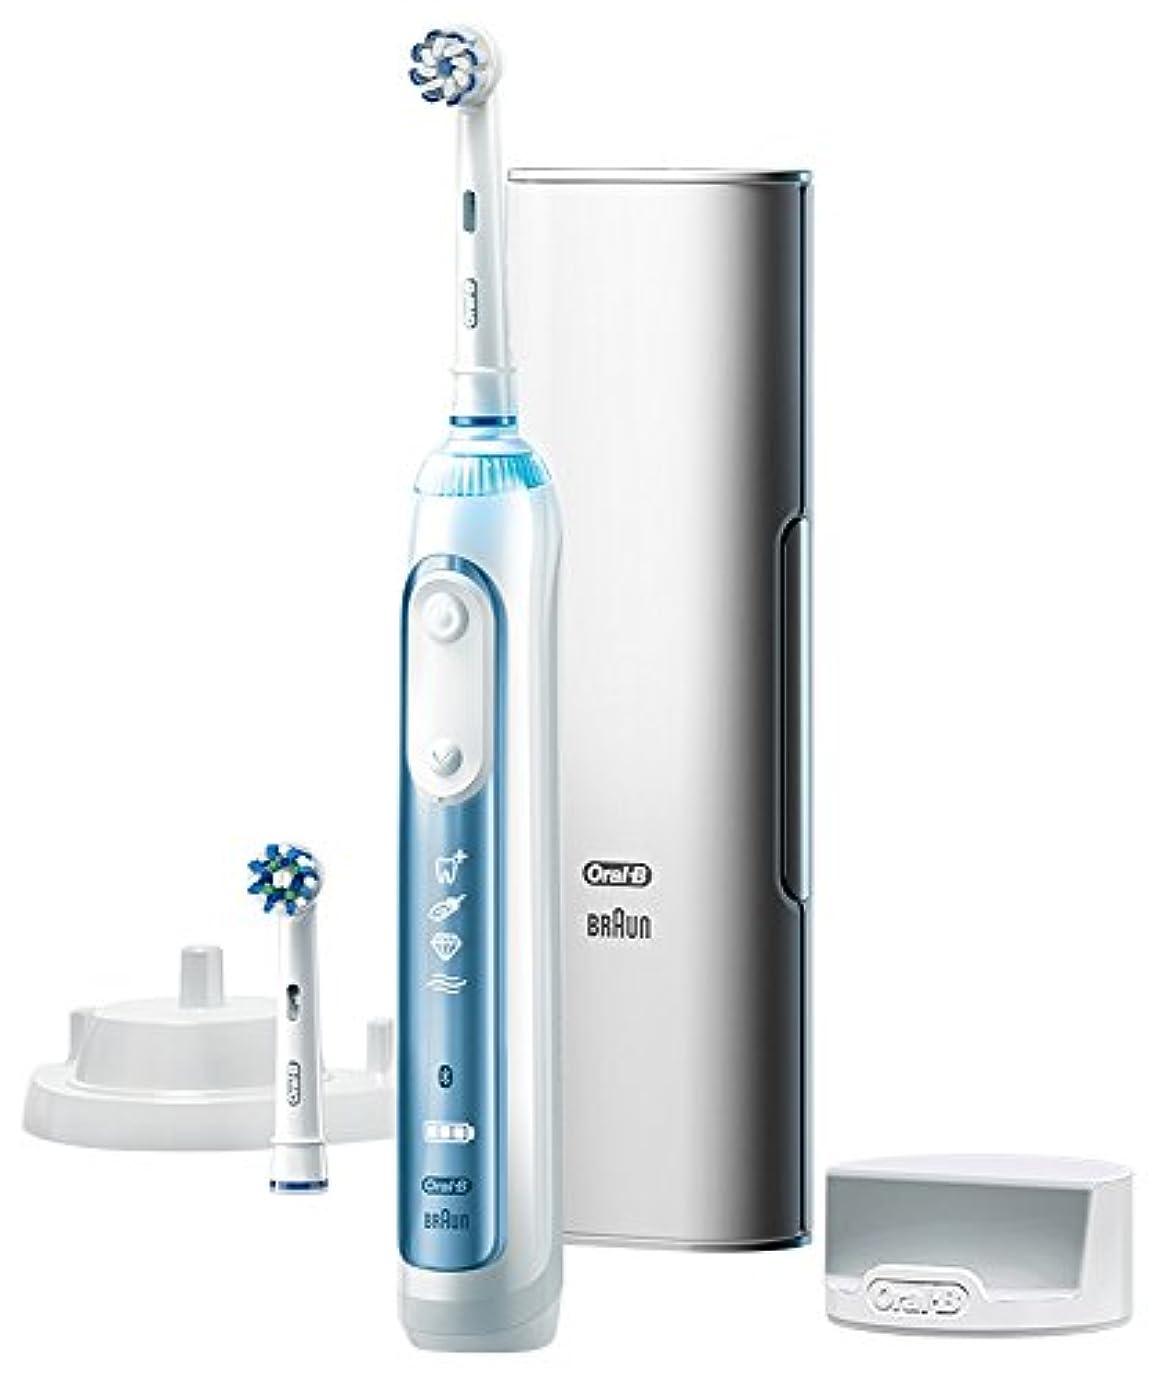 遡るパドルイディオムブラウン オーラルB 電動歯ブラシ スマート7000 D7005245XP D7005245XP